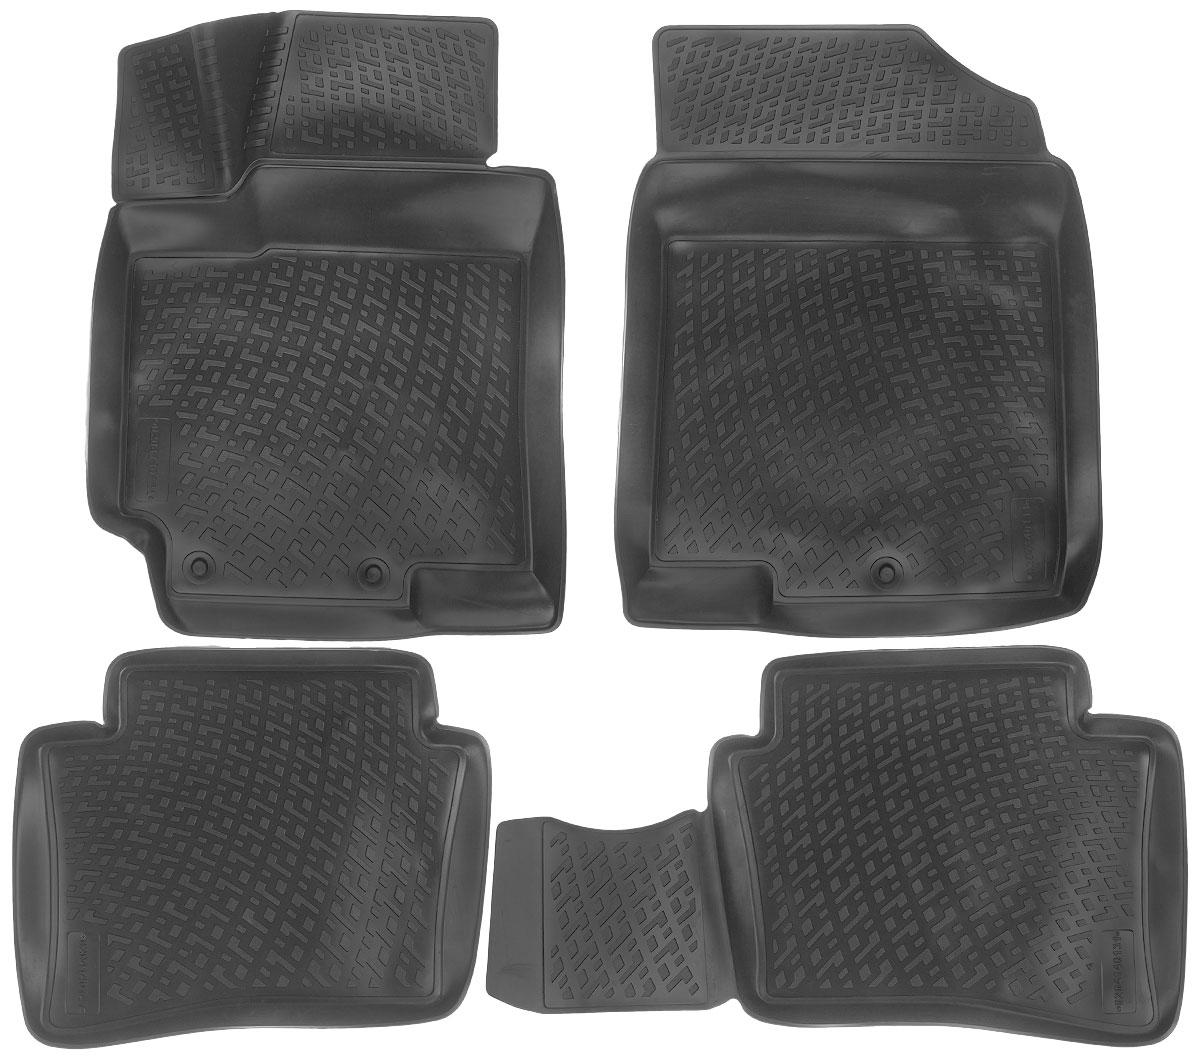 Набор автомобильных ковриков L.Locker Hyundai Solaris 2010, в салон, 4 штВетерок 2ГФНабор L.Locker Hyundai Solaris 2010, изготовленный из полиуретана, состоит из 4 антискользящих 3D ковриков, которые производятся индивидуально для каждой модели автомобиля. Изделие точно повторяет геометрию пола автомобиля, имеет высокий борт, обладает повышенной износоустойчивостью, лишено резкого запаха и сохраняет свои потребительские свойства в широком диапазоне температур от -50°С до +50°С.Комплектация: 4 шт.Размер ковриков: 75 см х 57 см; 56 см х 45 см;56 см х 45 см; 75 см х 57 см.